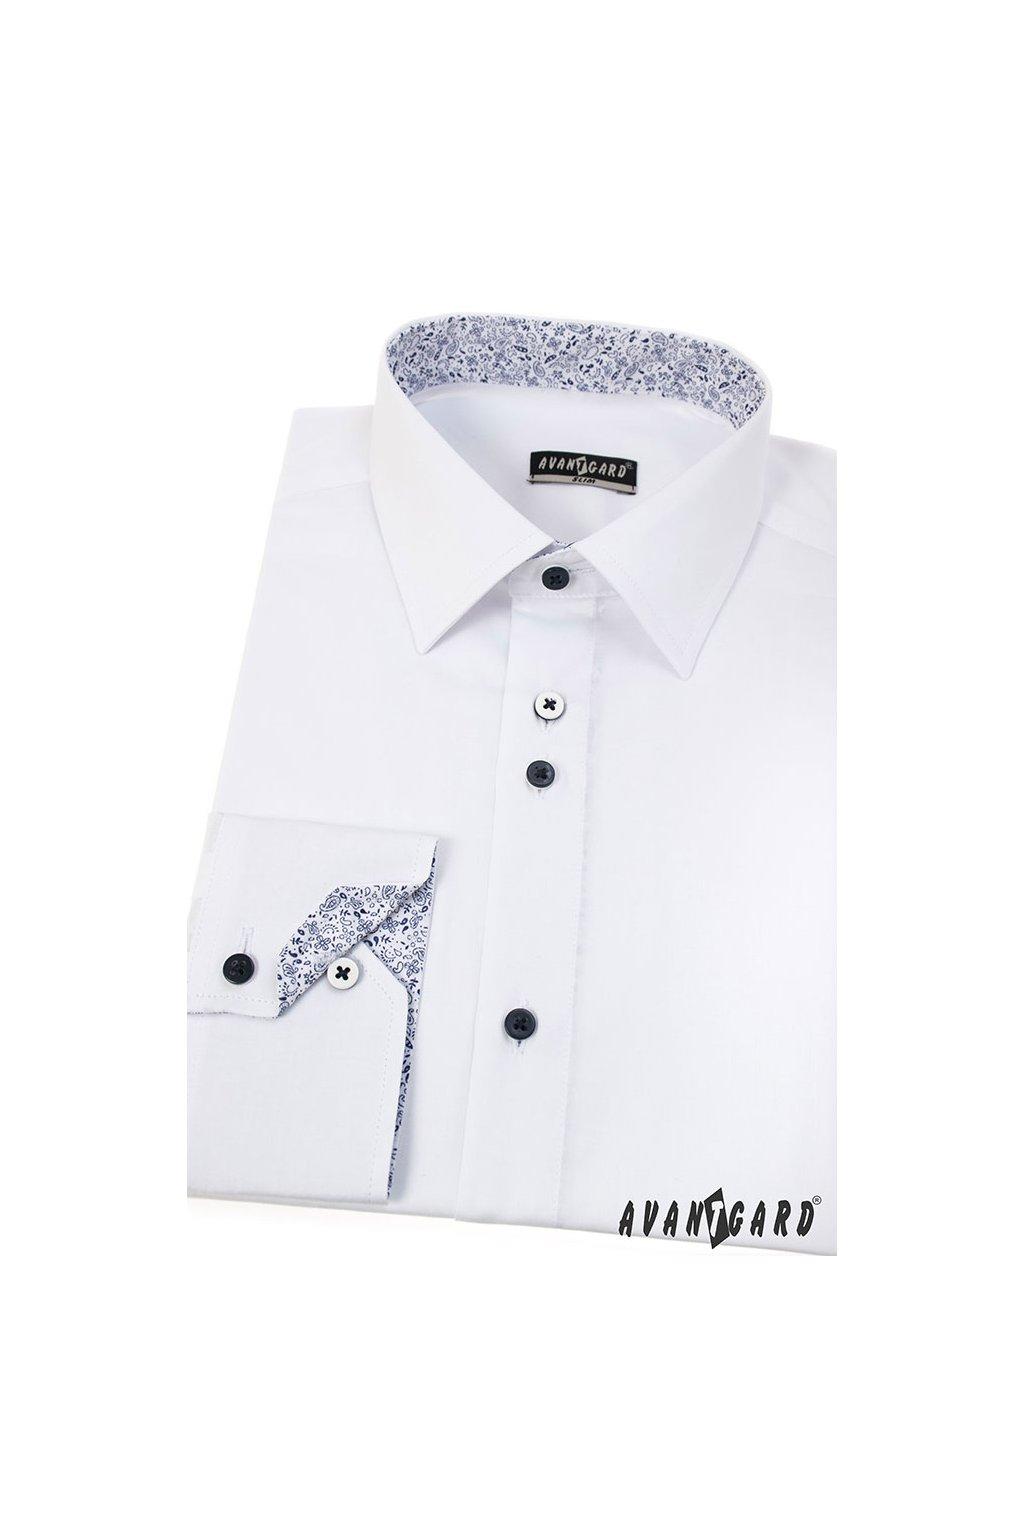 Pánská košile SLIM bílá/modrá 125 - 0167